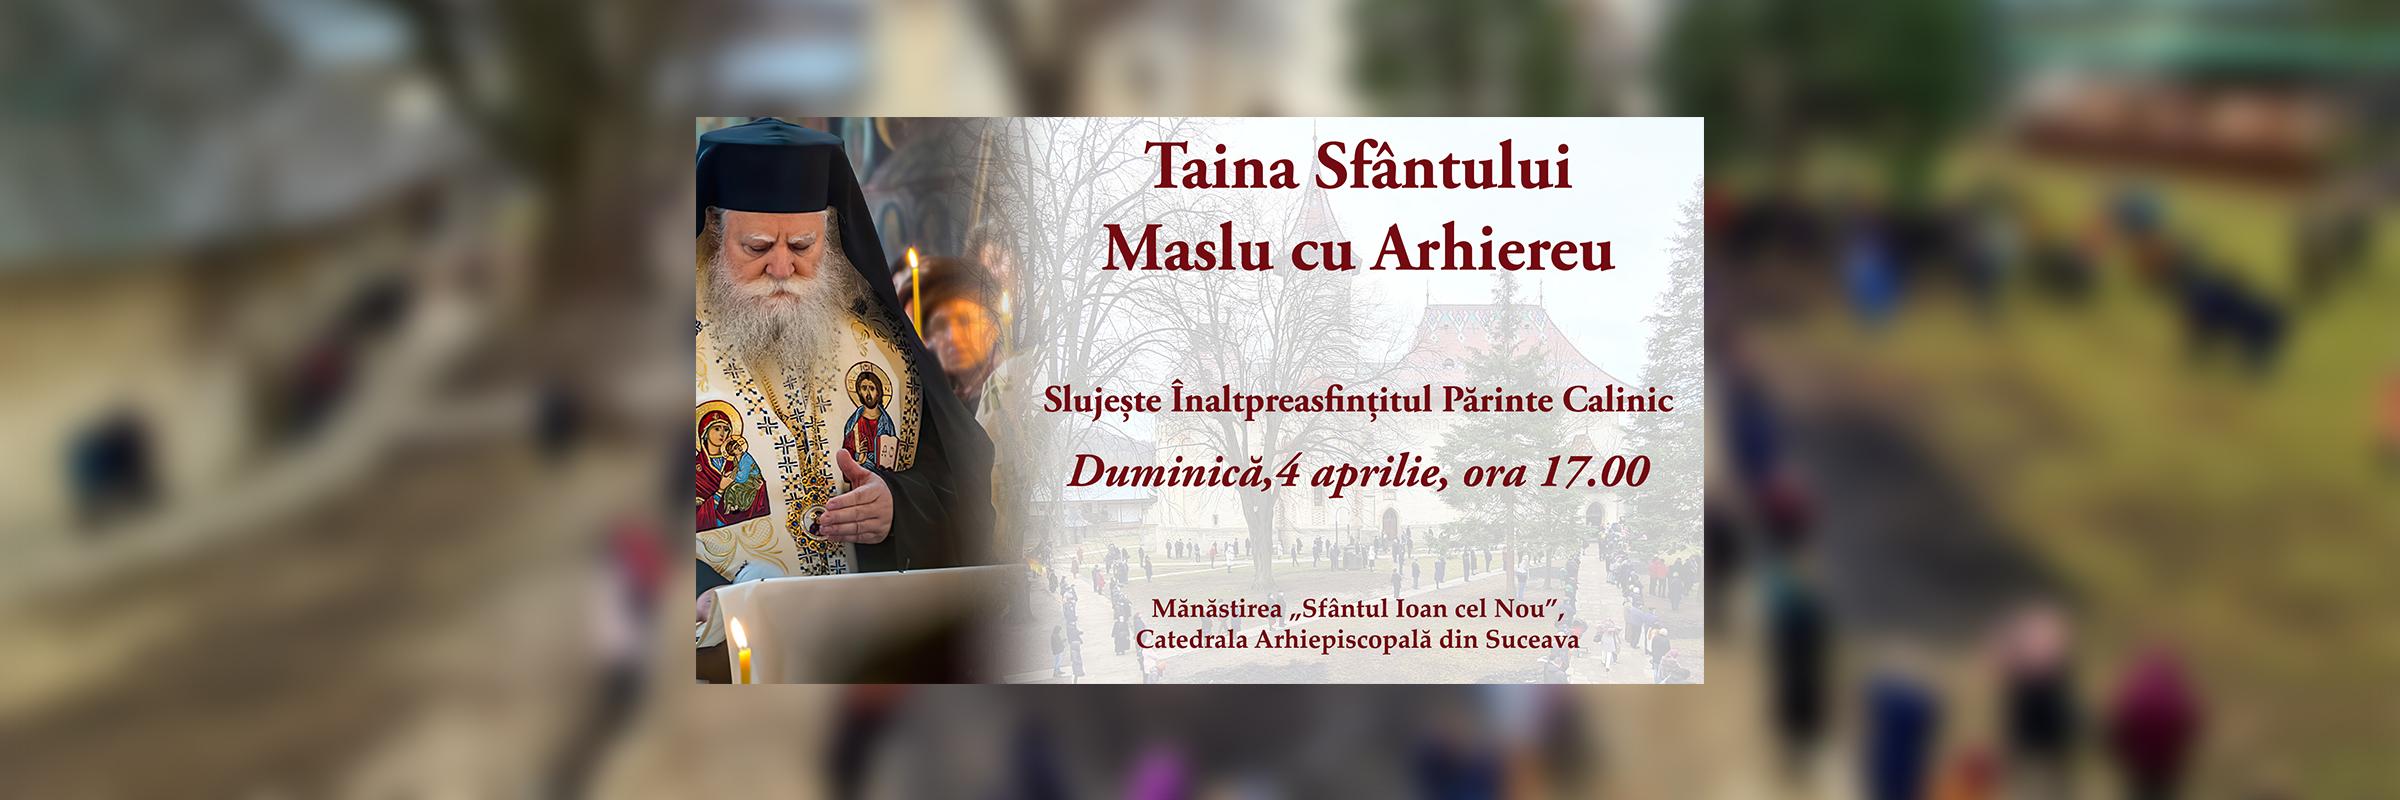 taina_sfantului_maslu_cu_arhiereu_site2